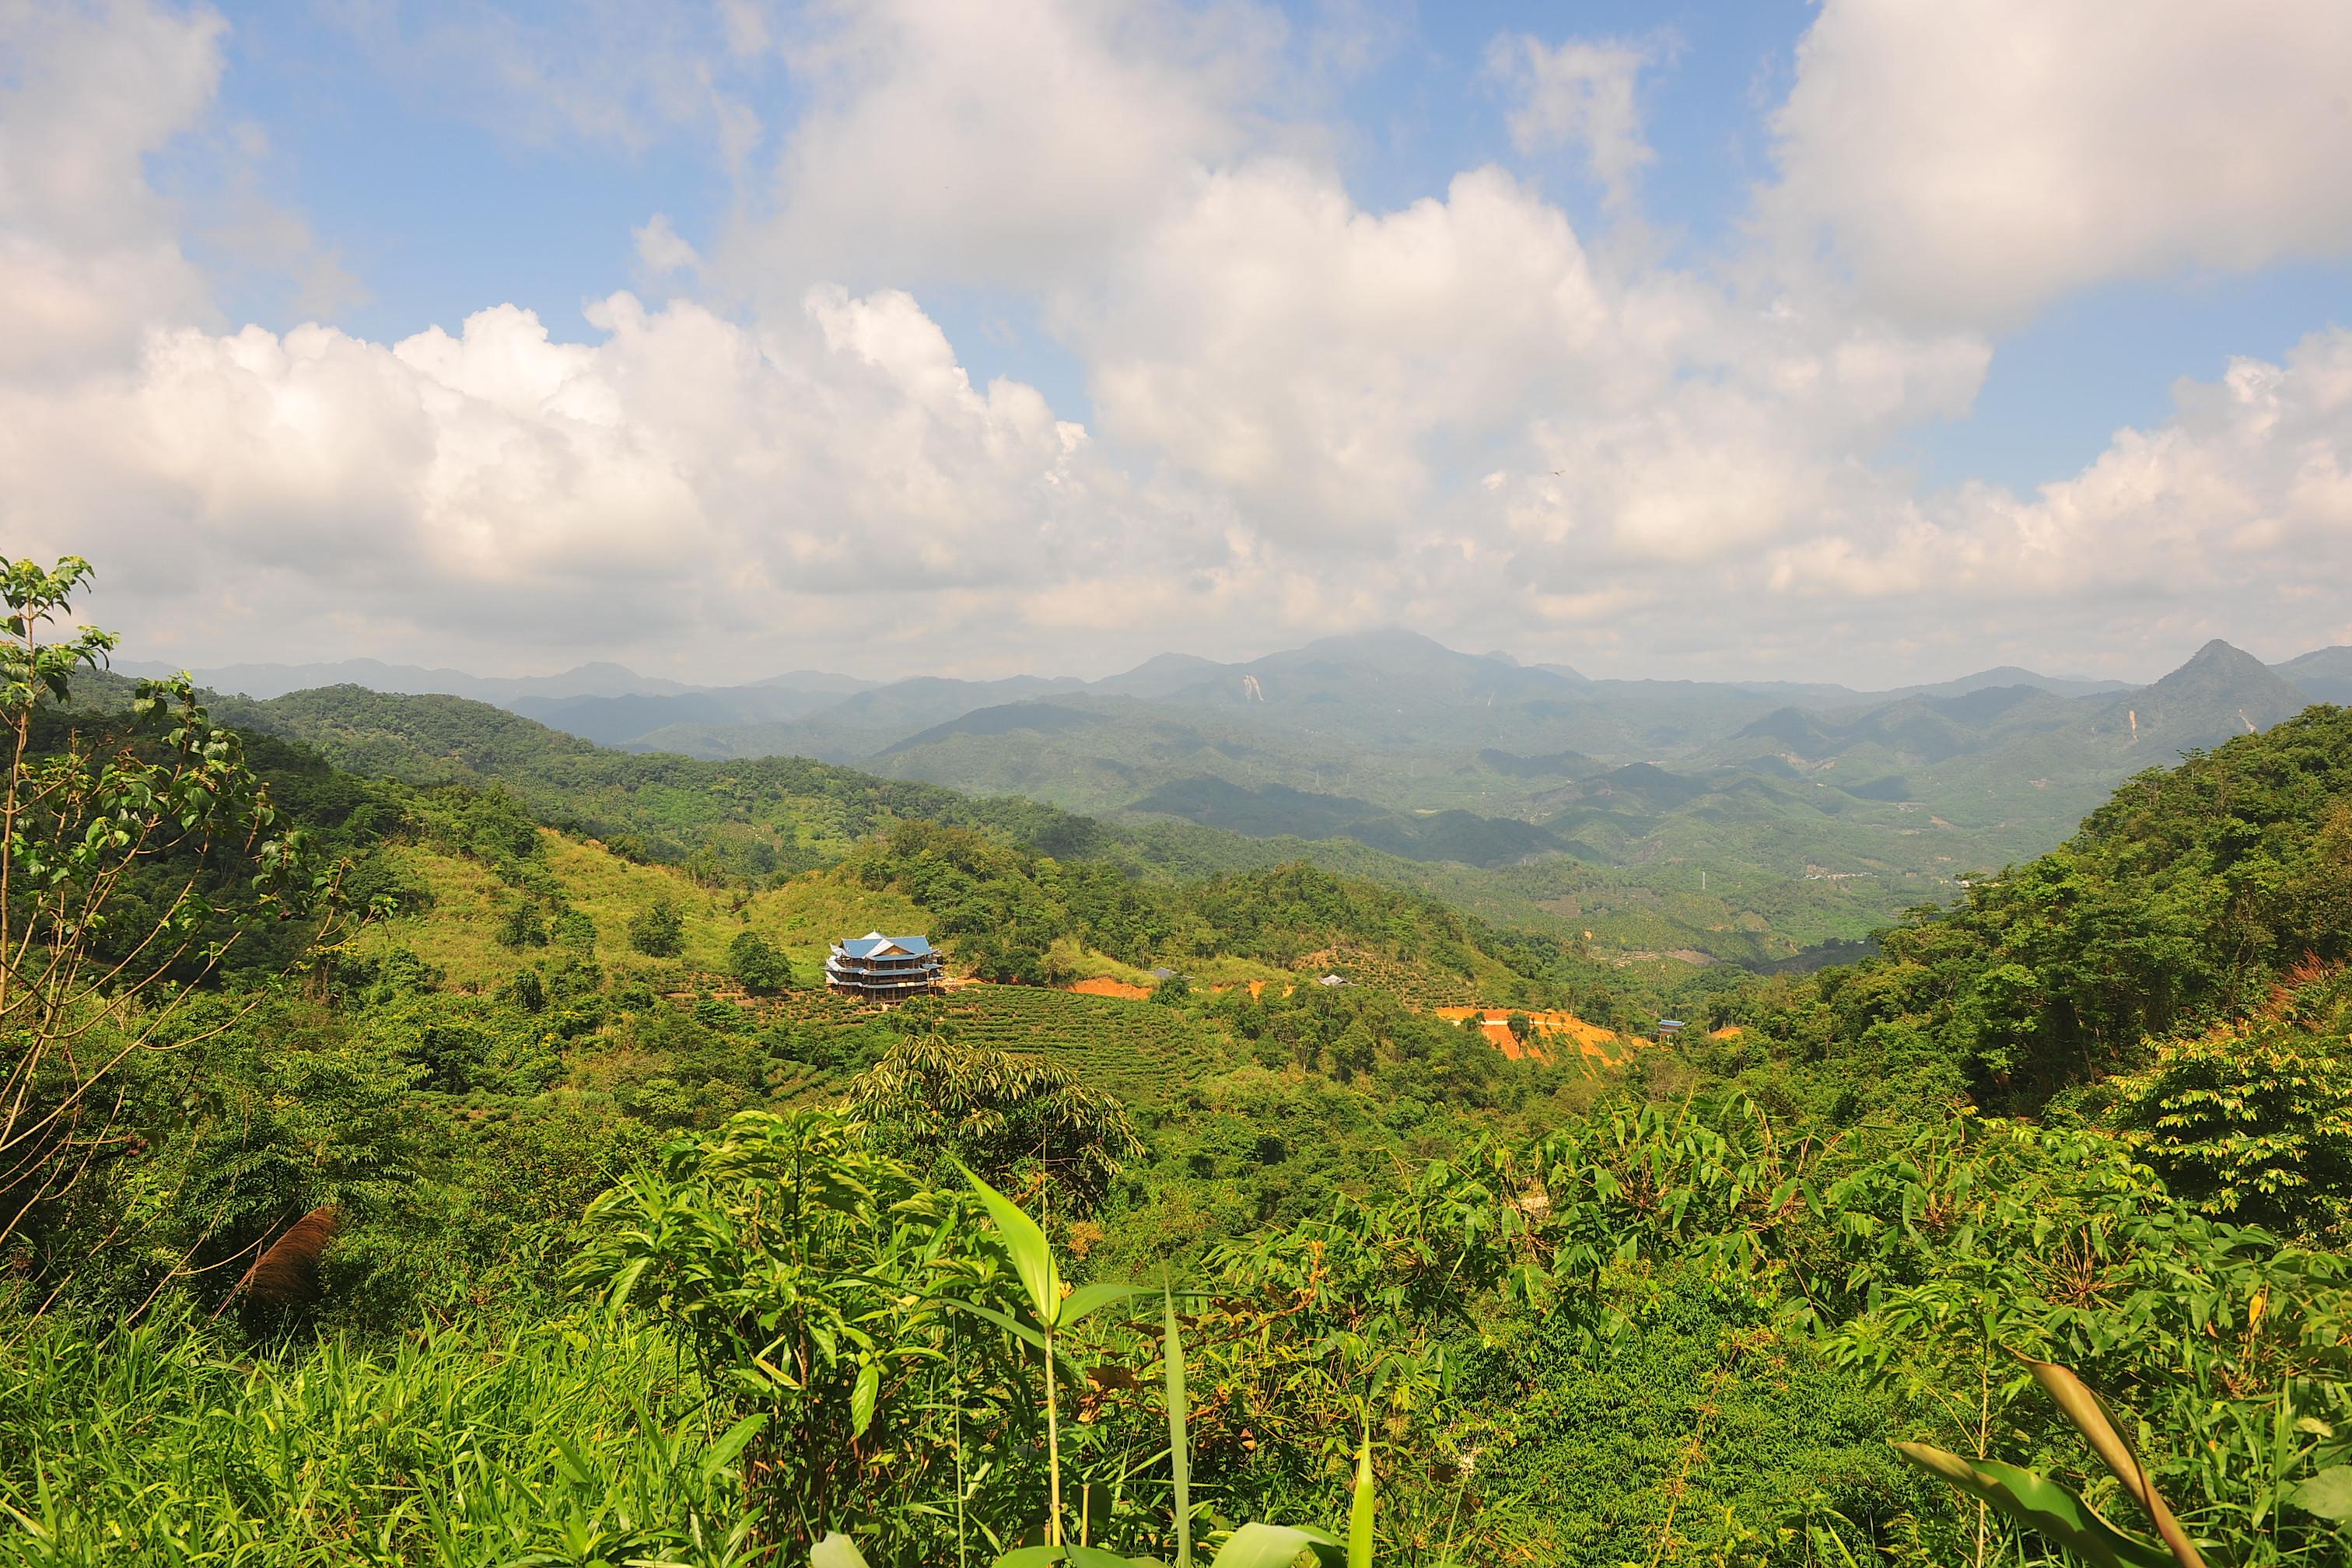 海南岛热带雨林_常青茶溪谷 北纬18°旅游度假养生胜地雏形初现_海南频道_凤凰网